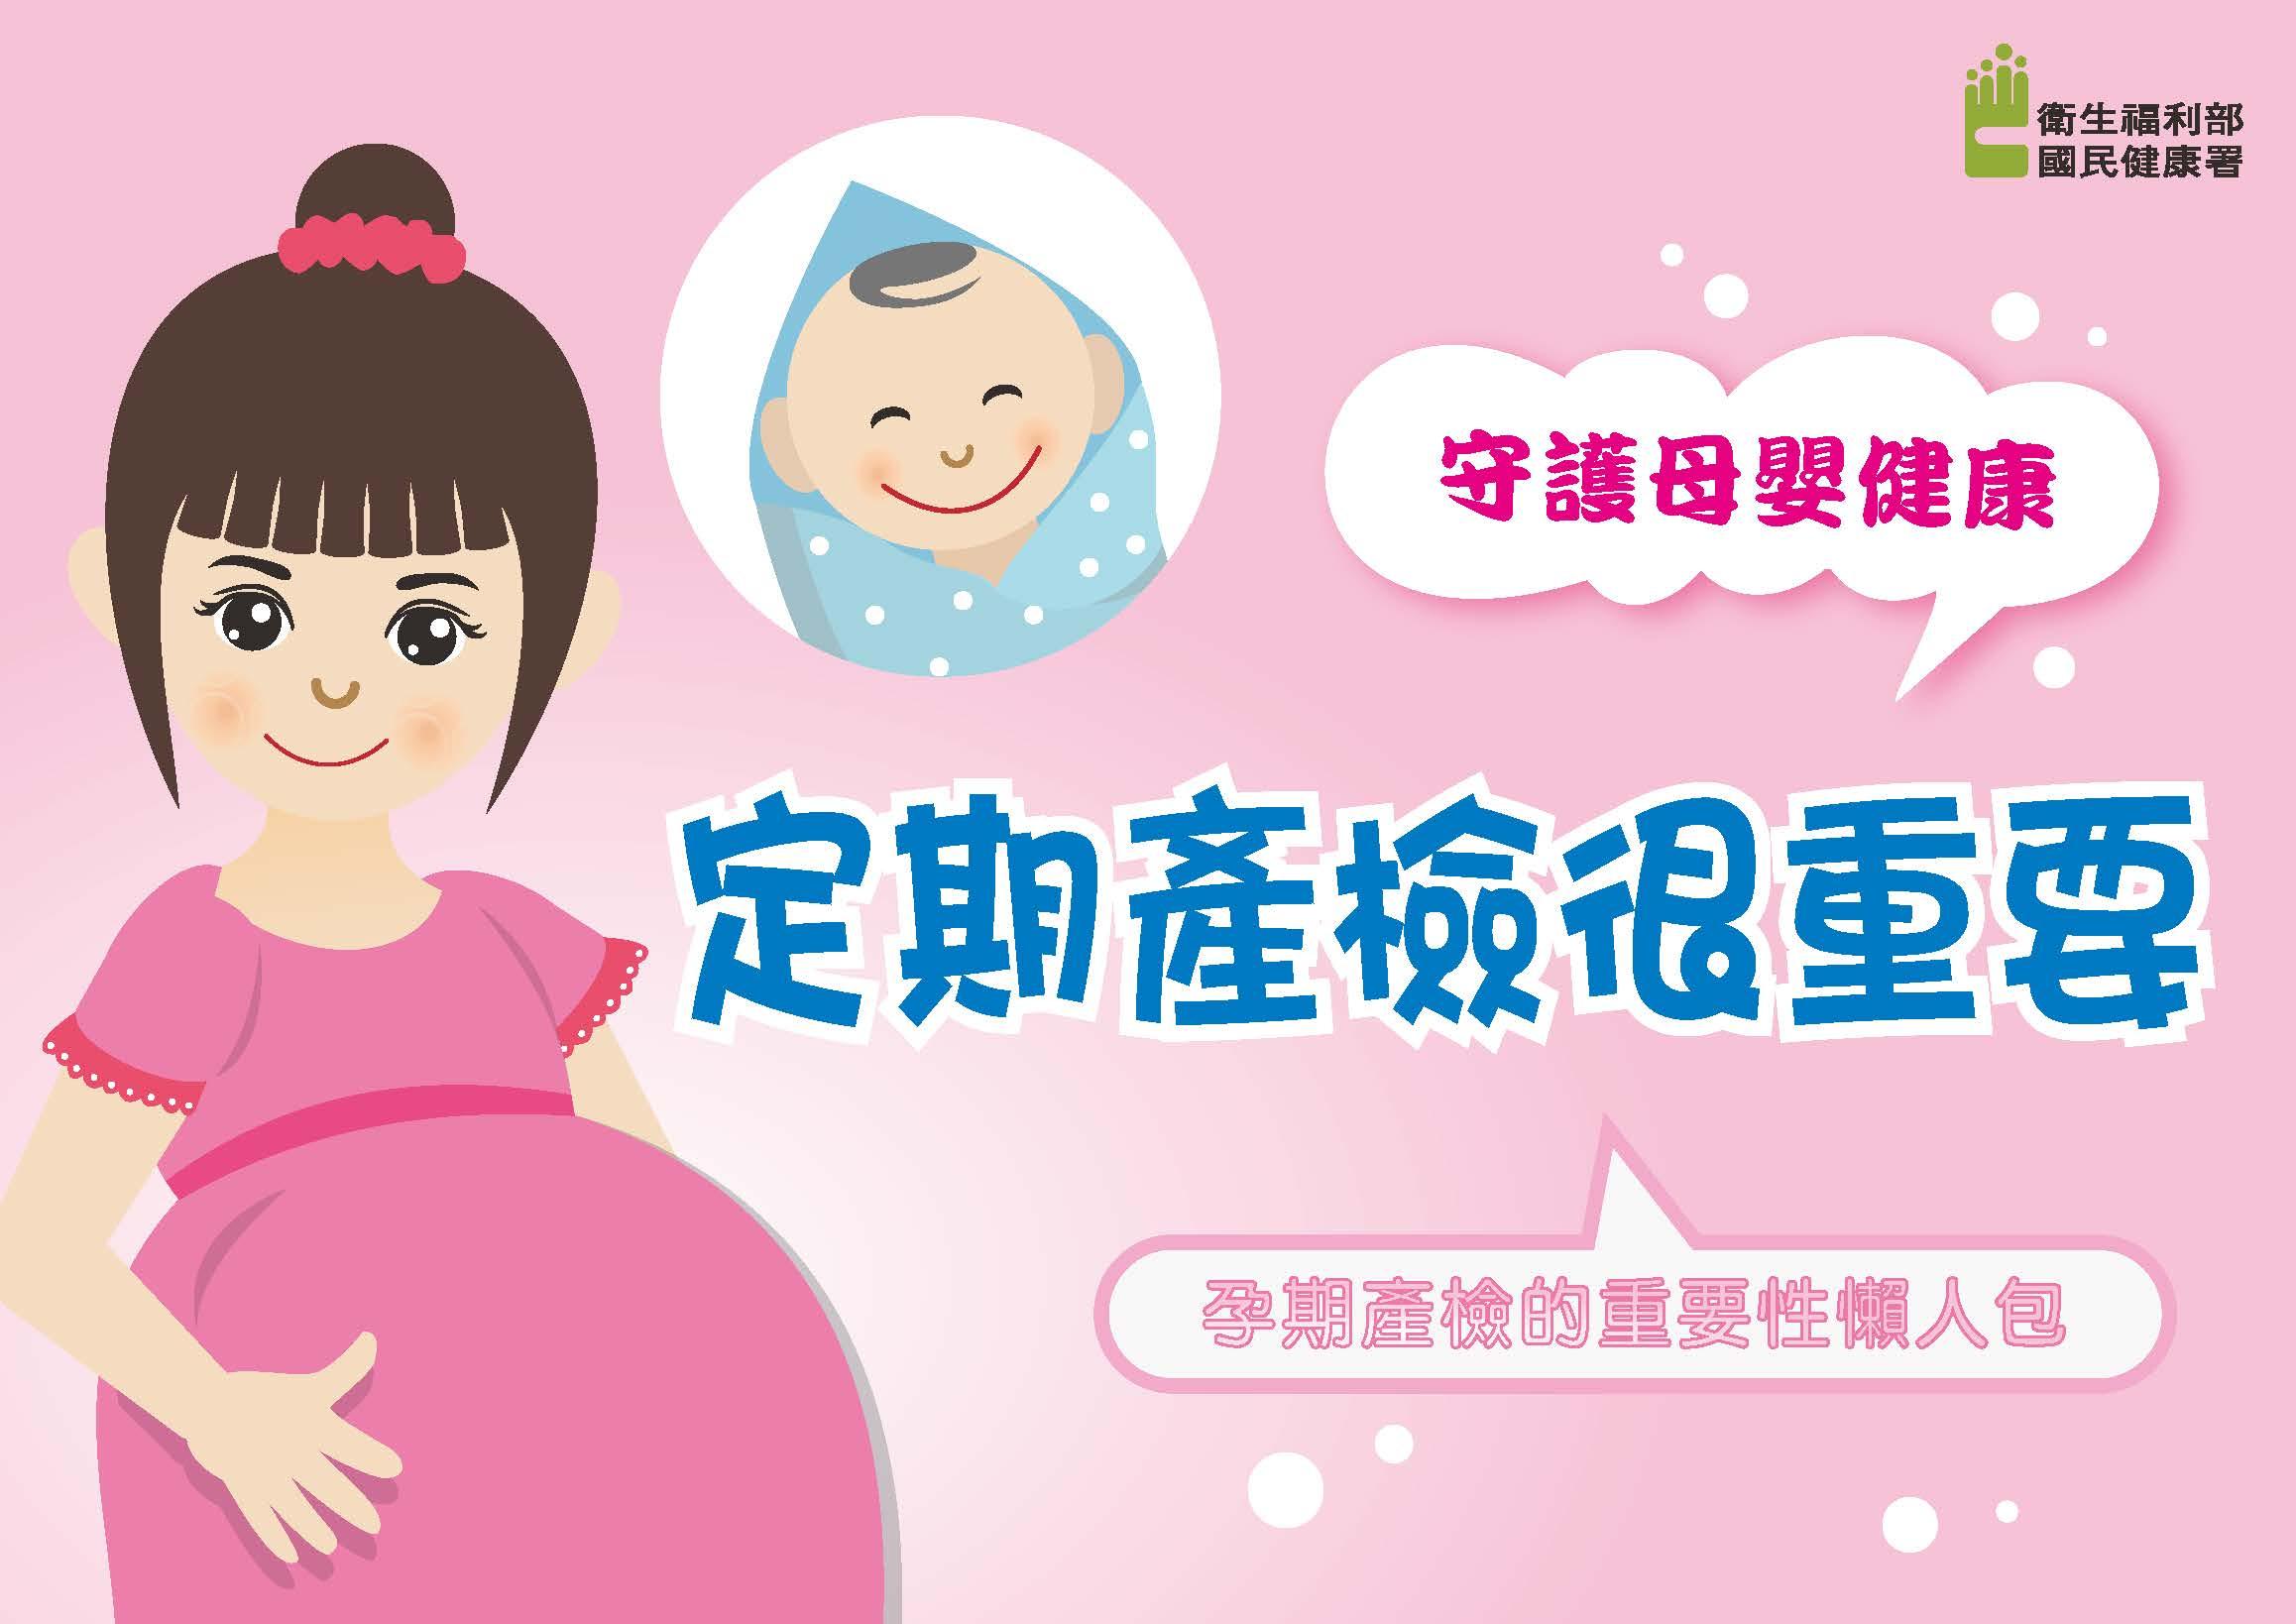 [另開新視窗]點擊前往觀看:孕期產檢的重要性懶人包